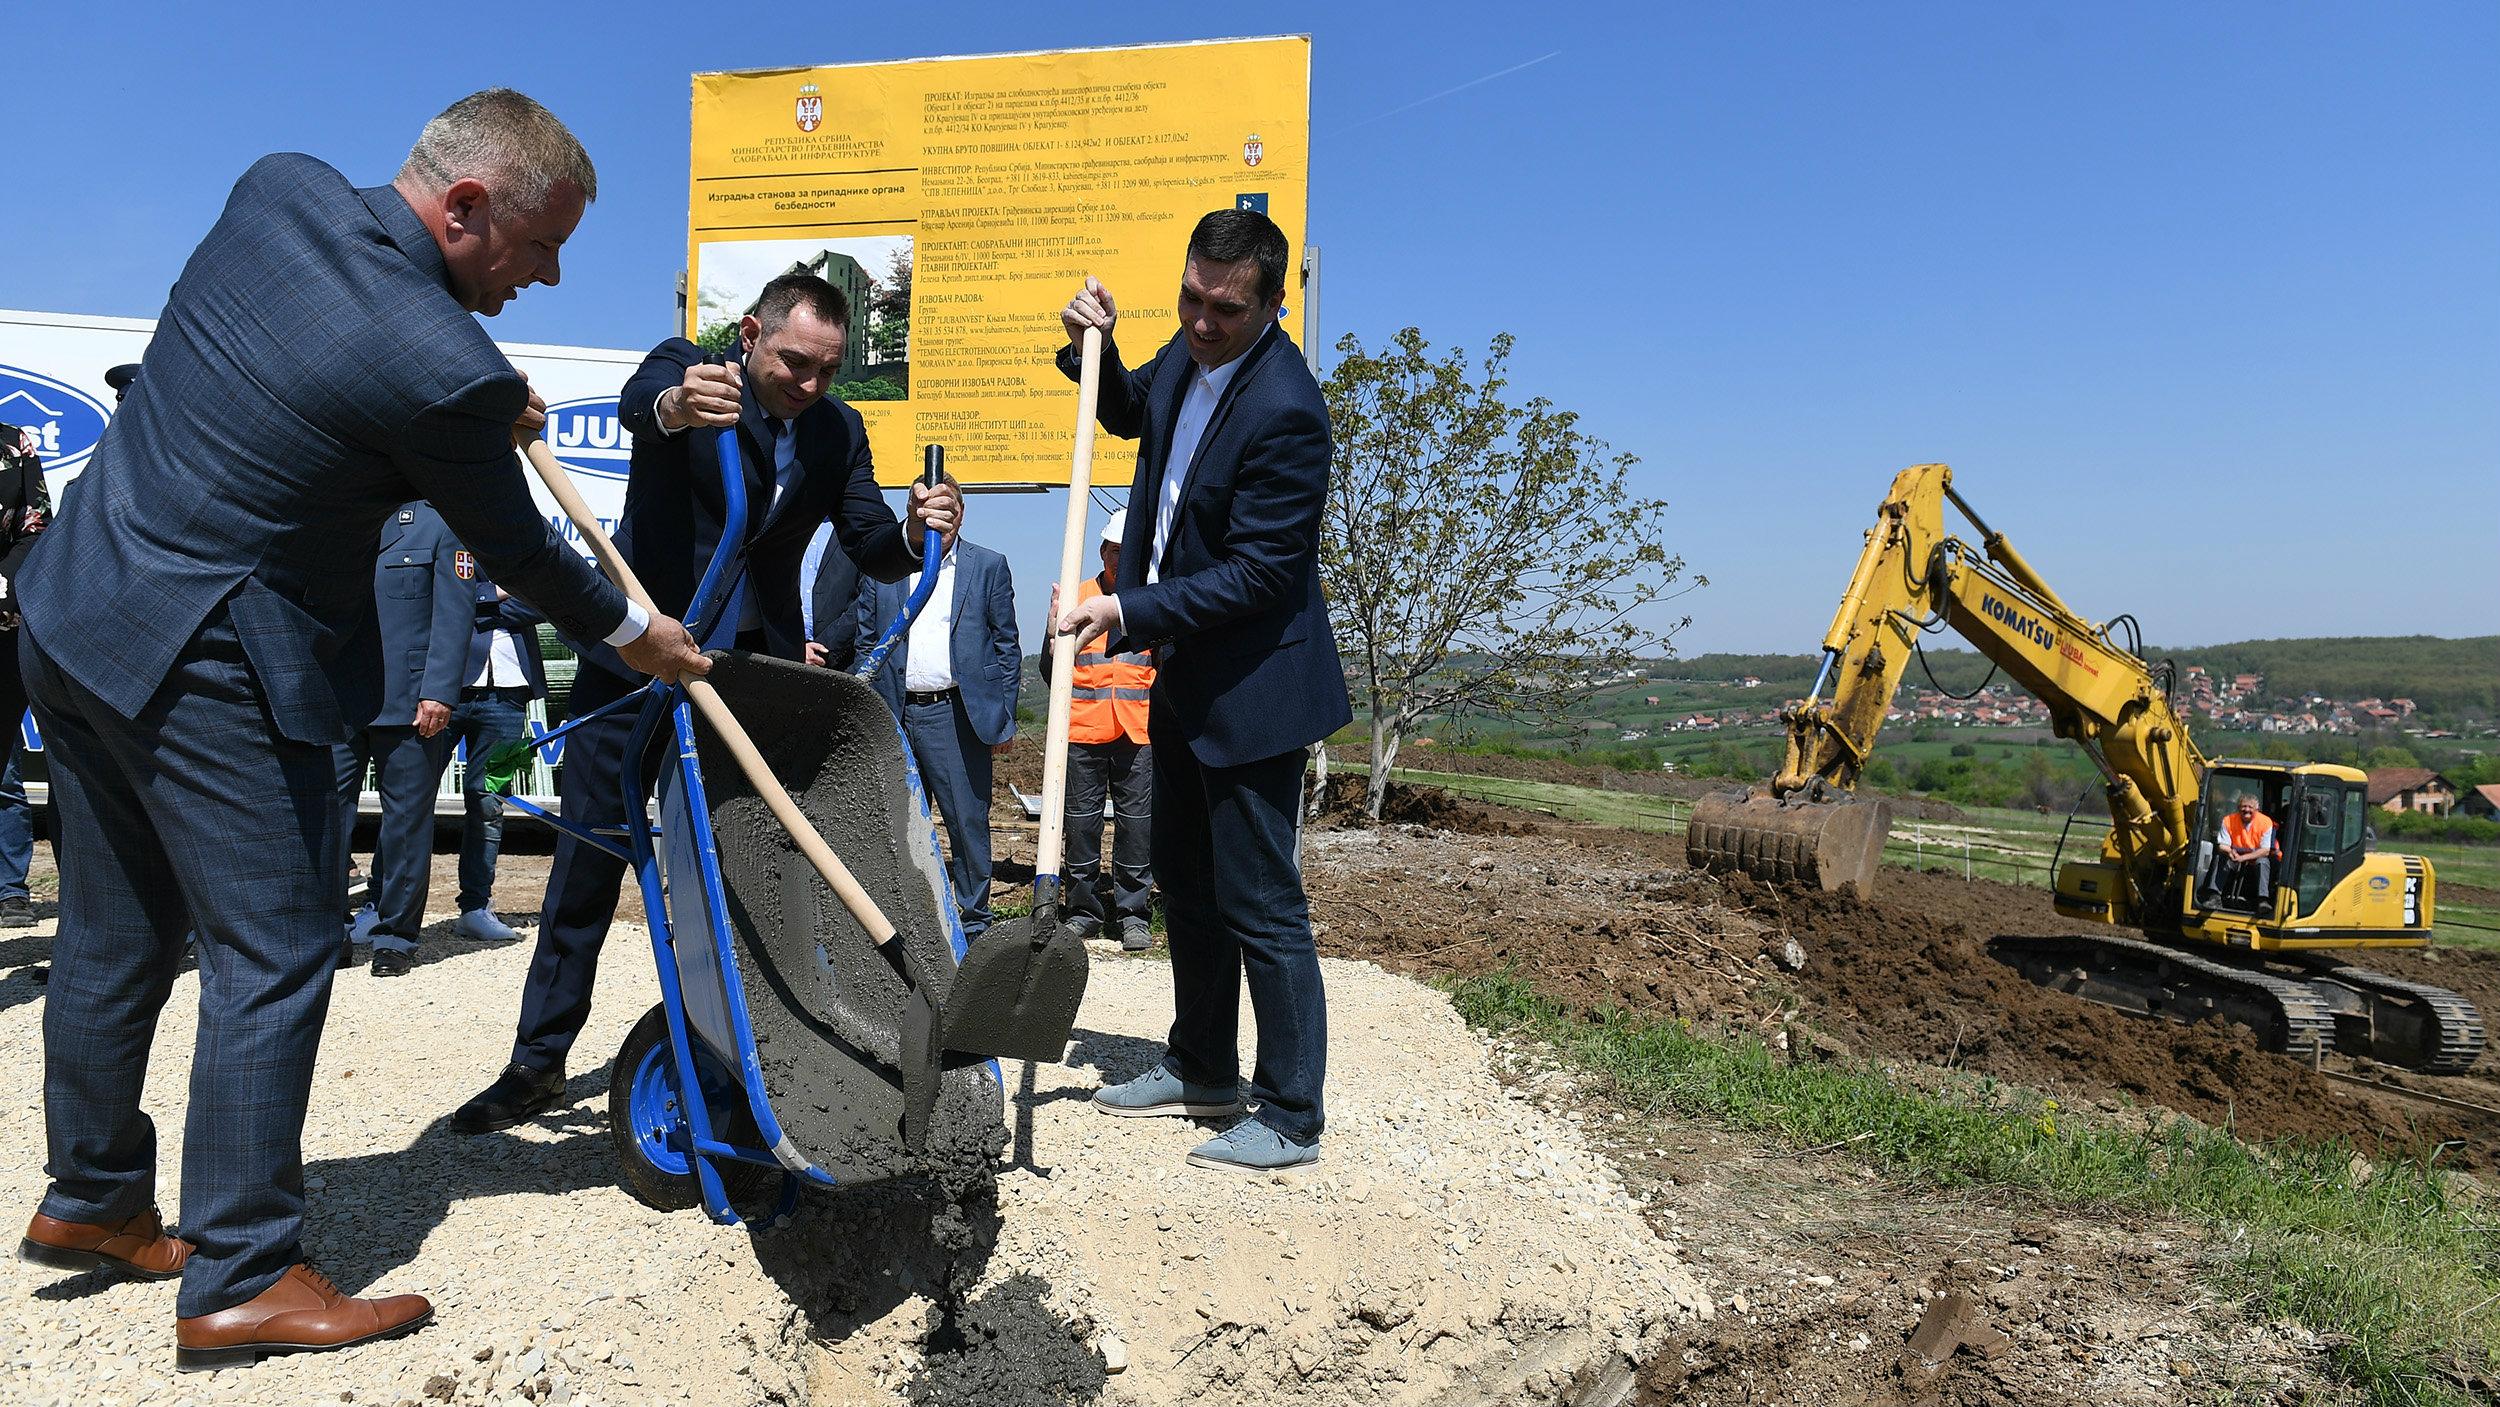 U Kragujevcu Pocela Izgradnja Stanova Za Pripadnike Snaga